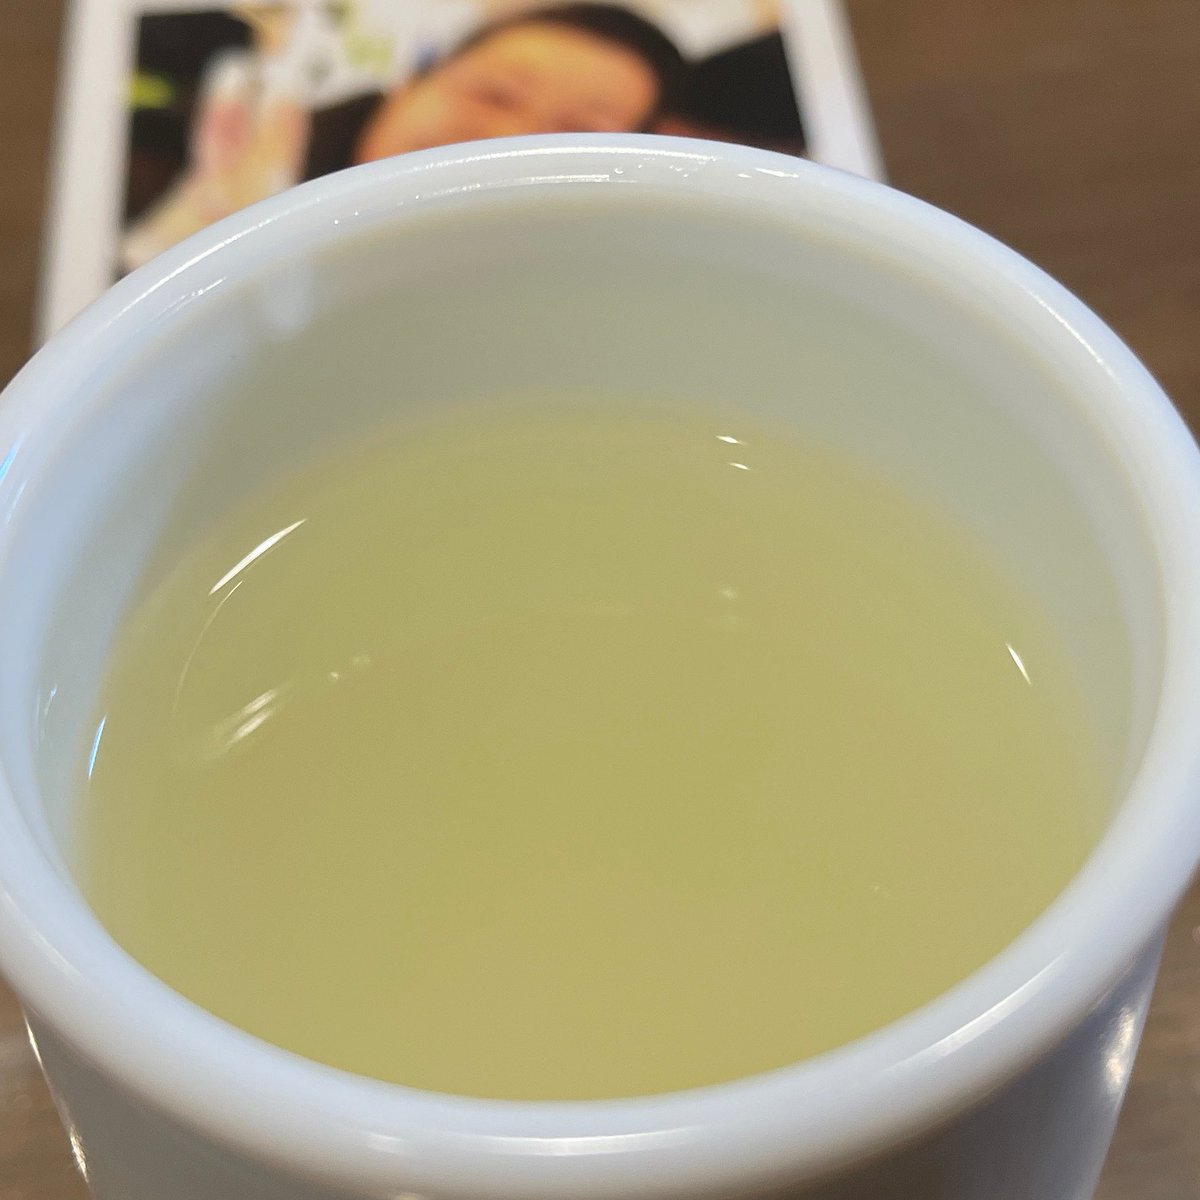 test ツイッターメディア - 今日の日本酒 あるヒョロワーさんから誕生日にいただいたものです。  岐阜の蓬莱 おりがらみ手詰め原酒 蔵人しか飲めぬ新酒  新種の原酒なんで鋭いですね。 ちょっと発泡感もあって。白濁しています。 ちなみに婆さんも写ってます ちびちびツマミとやるには最高 #日本酒 https://t.co/PWijgjcxXb